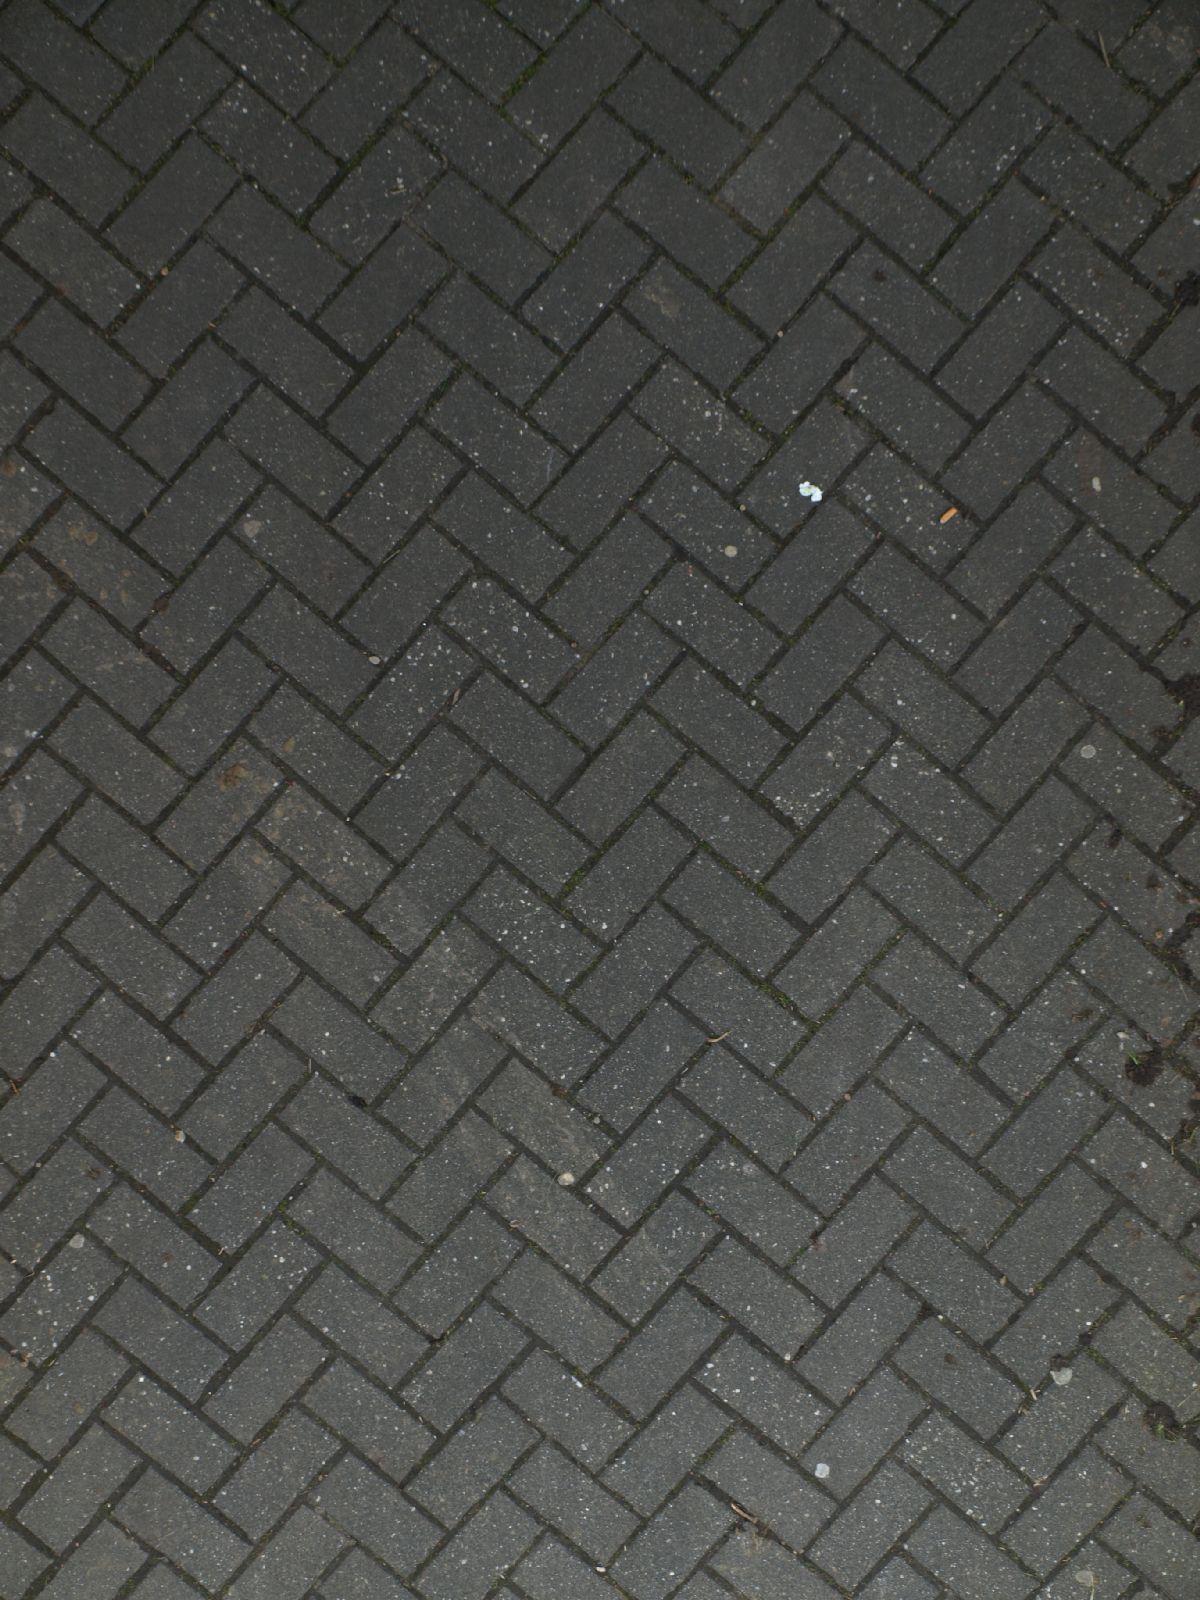 Boden-Gehweg-Strasse-Buergersteig-Textur_A_P4171287